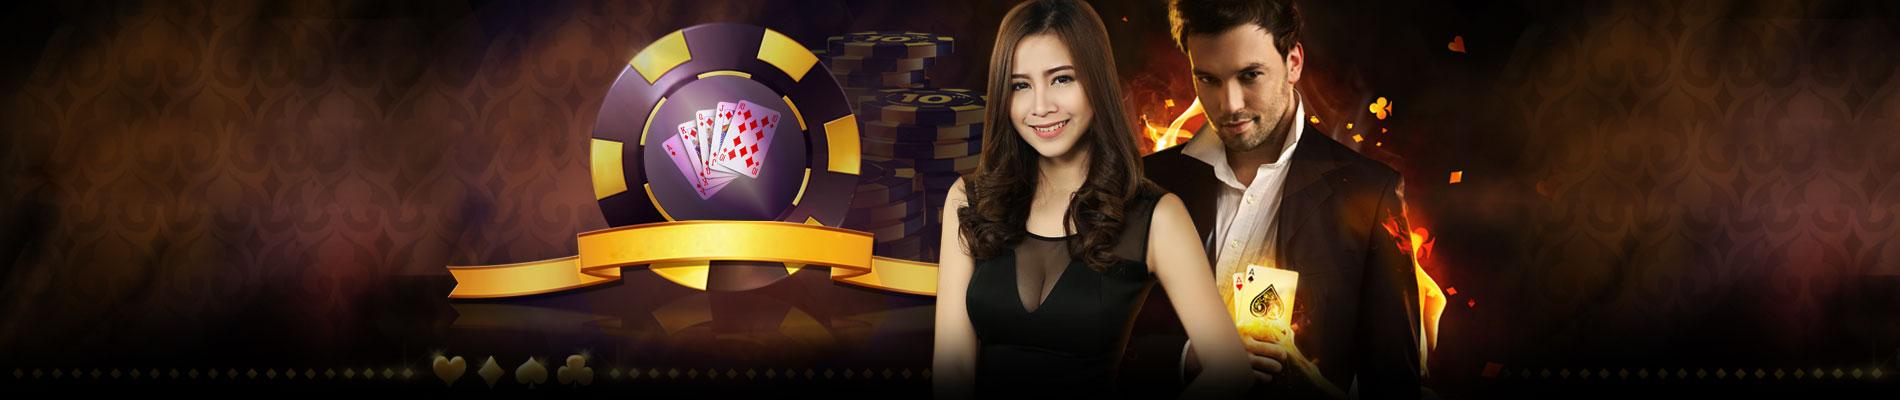 www.spinpalace casino online.com.au